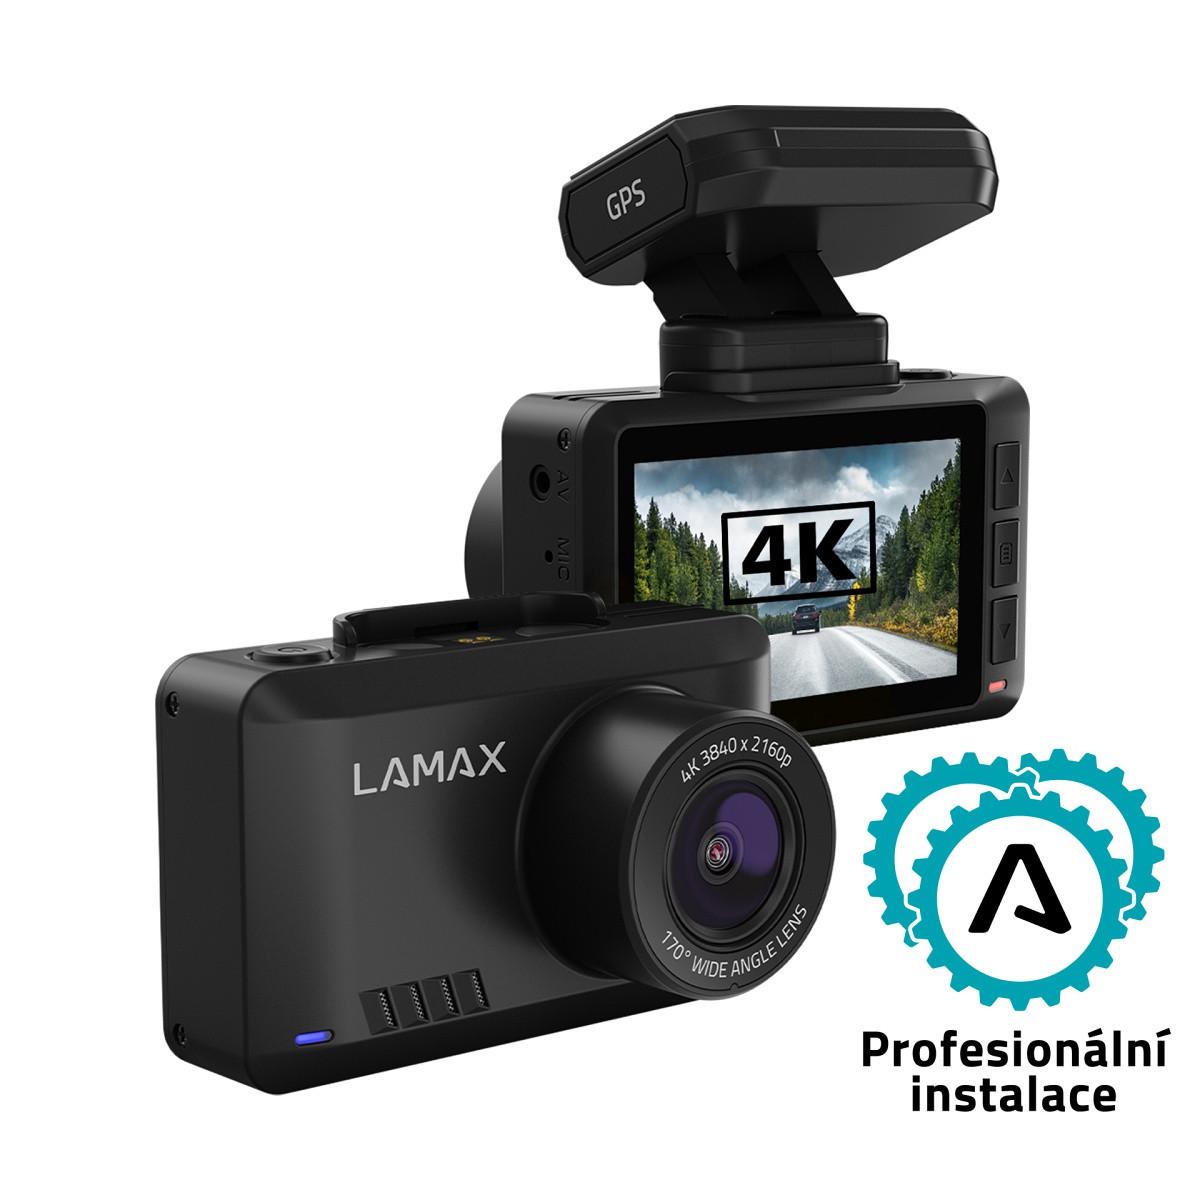 LAMAX T10 - 4K ochrana před spory i radary